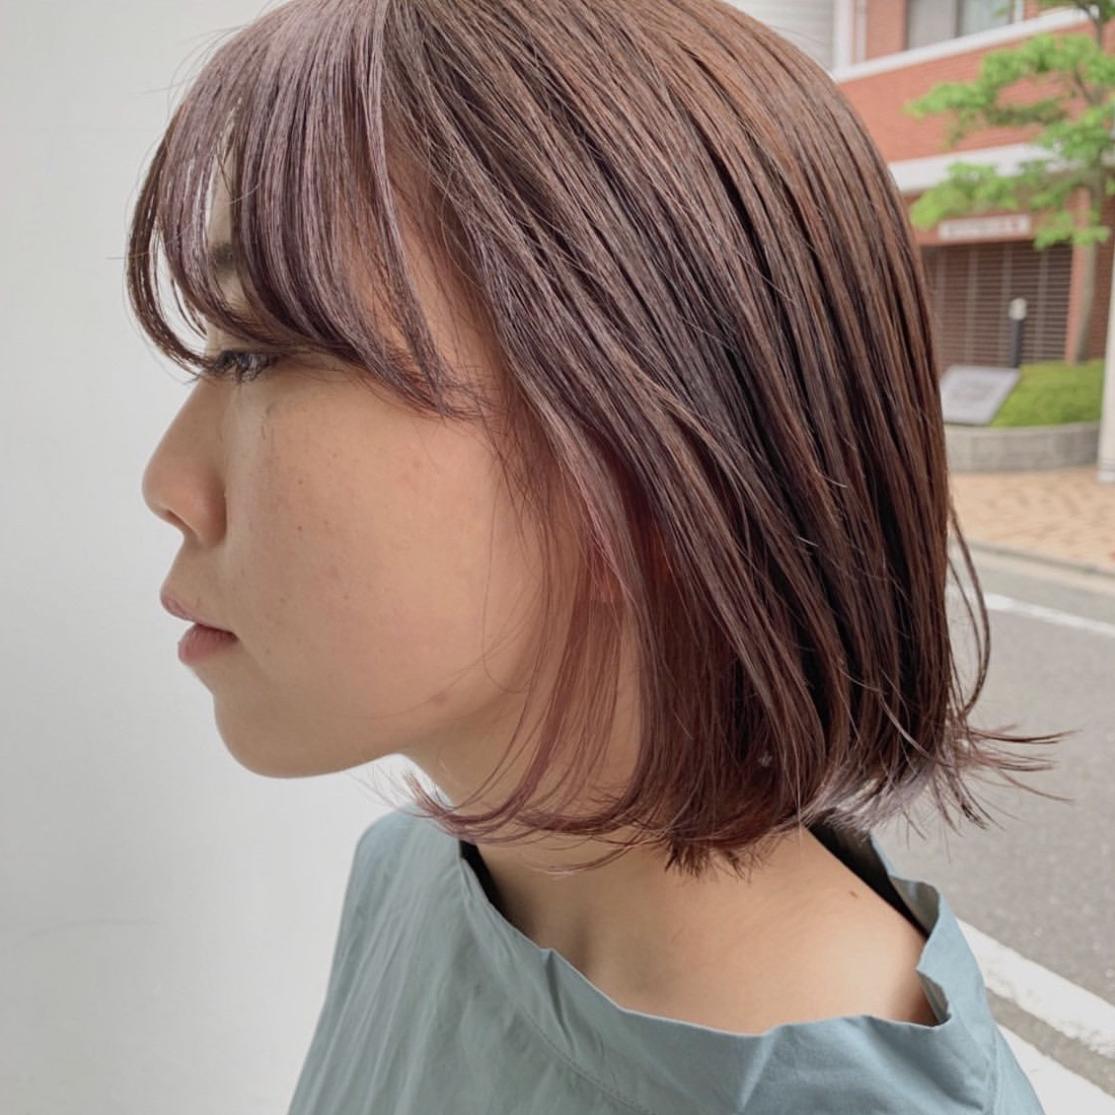 hair編集部が厳選したかわいいカラースタイル